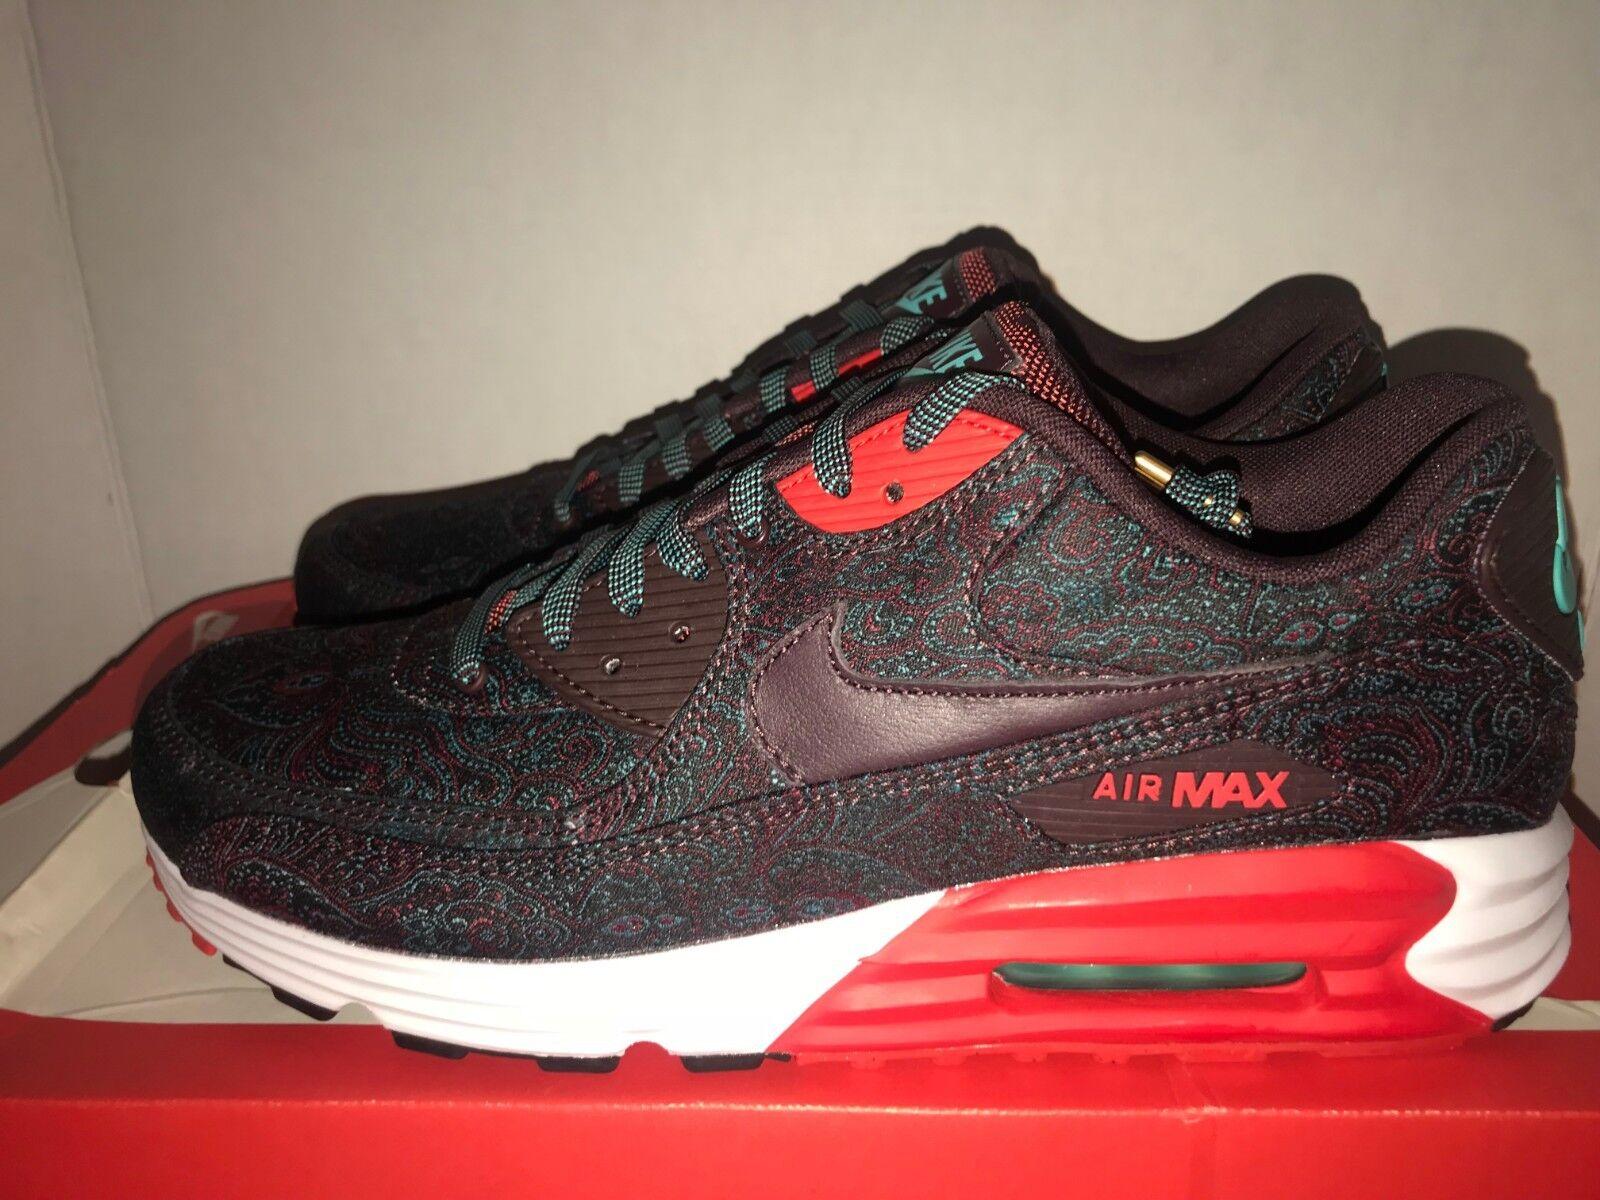 Nike Air Max Lunar 90 PRM QS Men's Size Size Size 11 DS 705068 601 Suit & Tie Paisley ca6da5